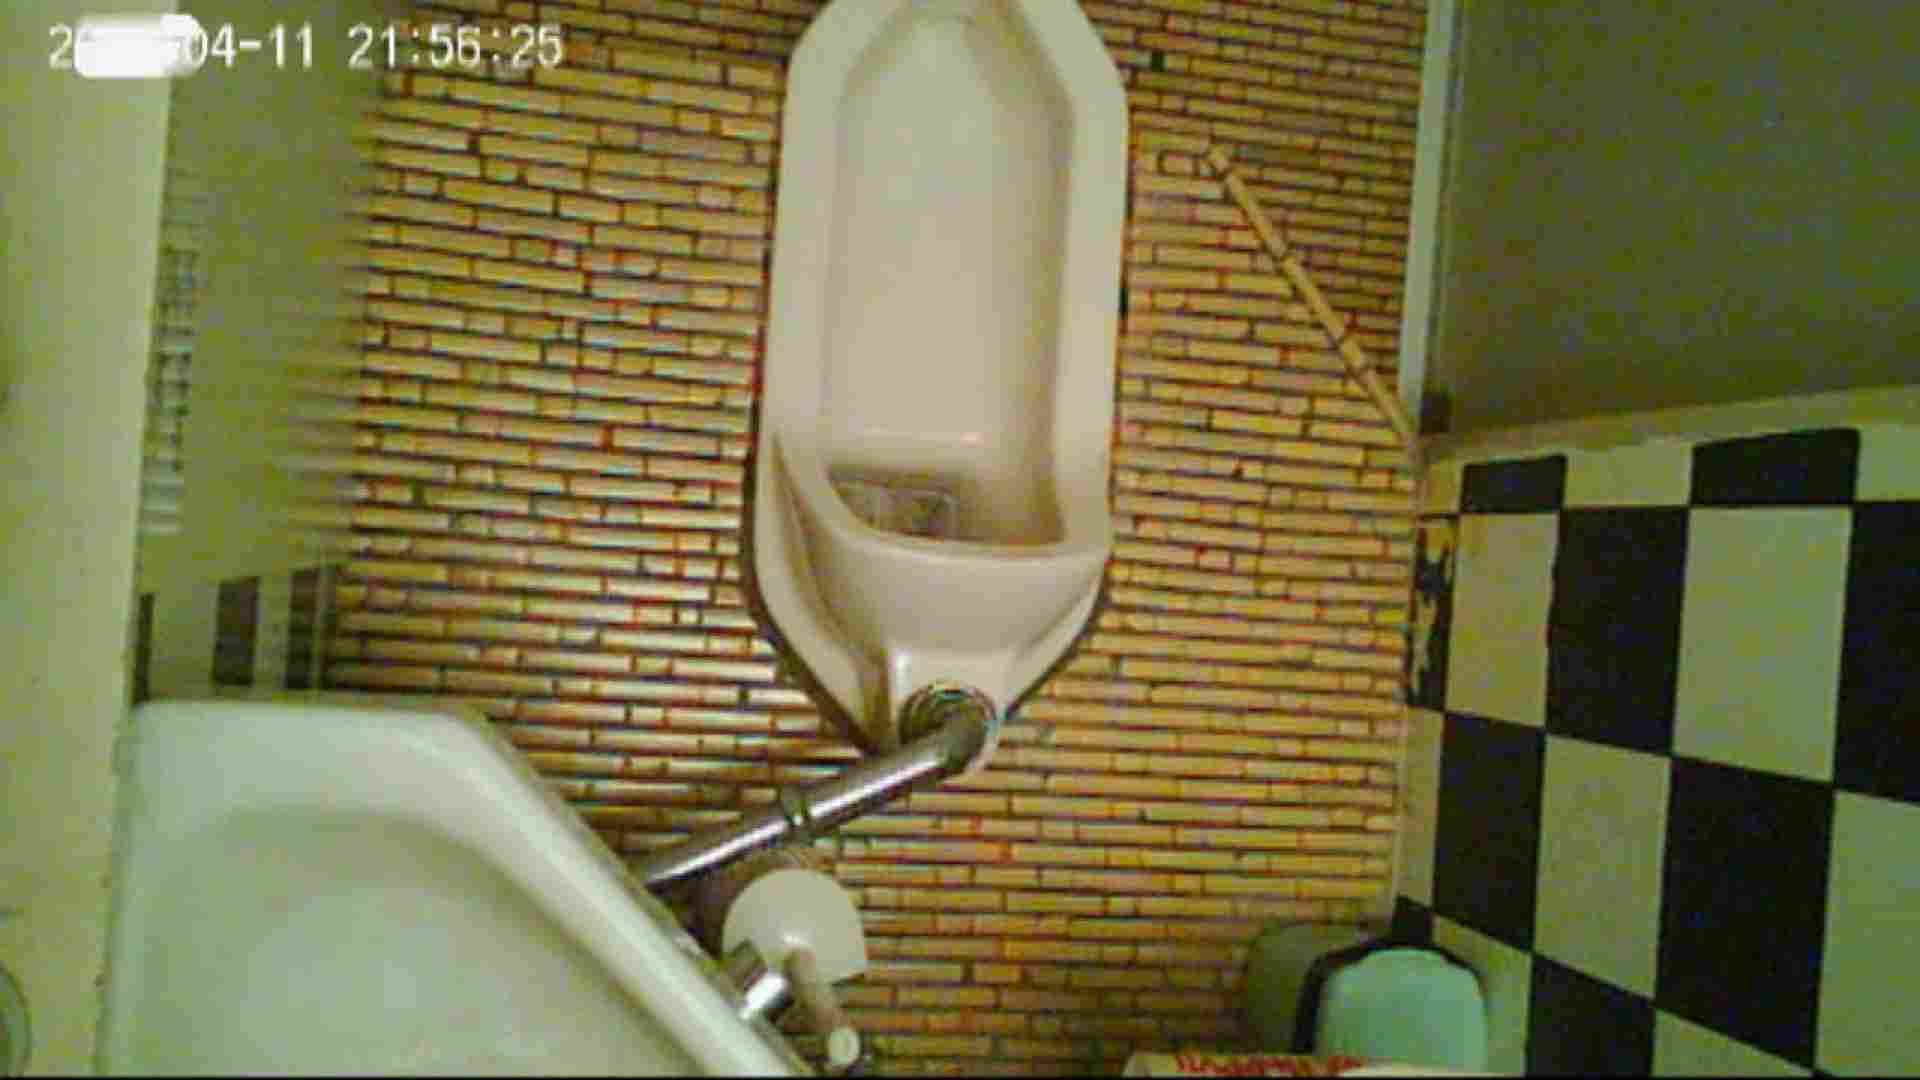 和式トイレの喫茶店店主マロンさんのコレクションvol.2 OL  46pic 12